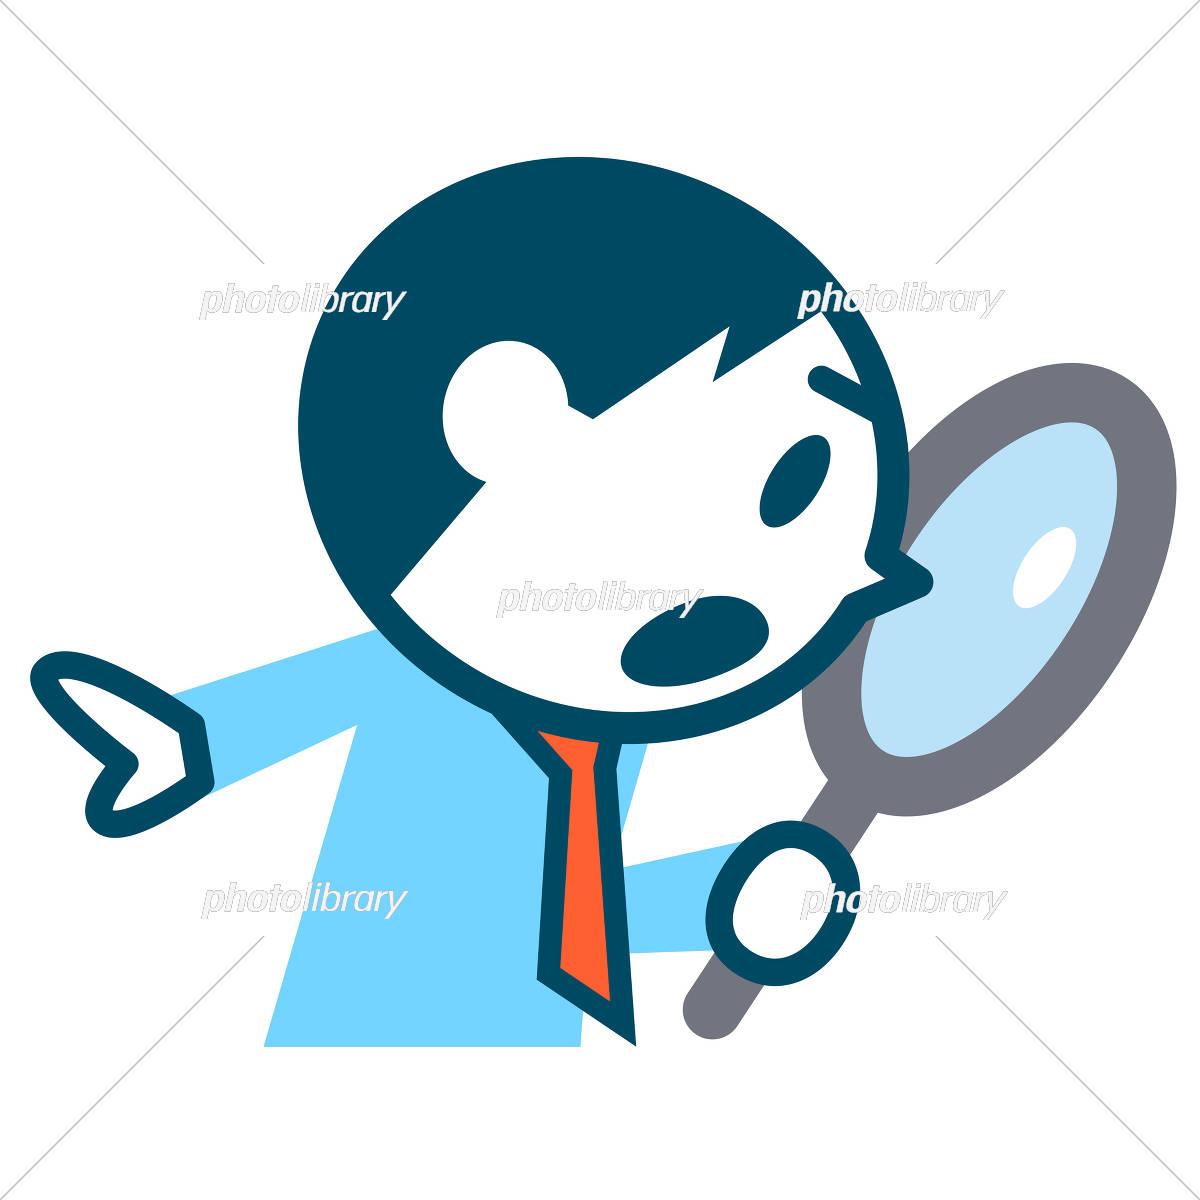 ルーペを覗き込みむビジネスマン イラスト素材 [ 5260374 ] - フォト